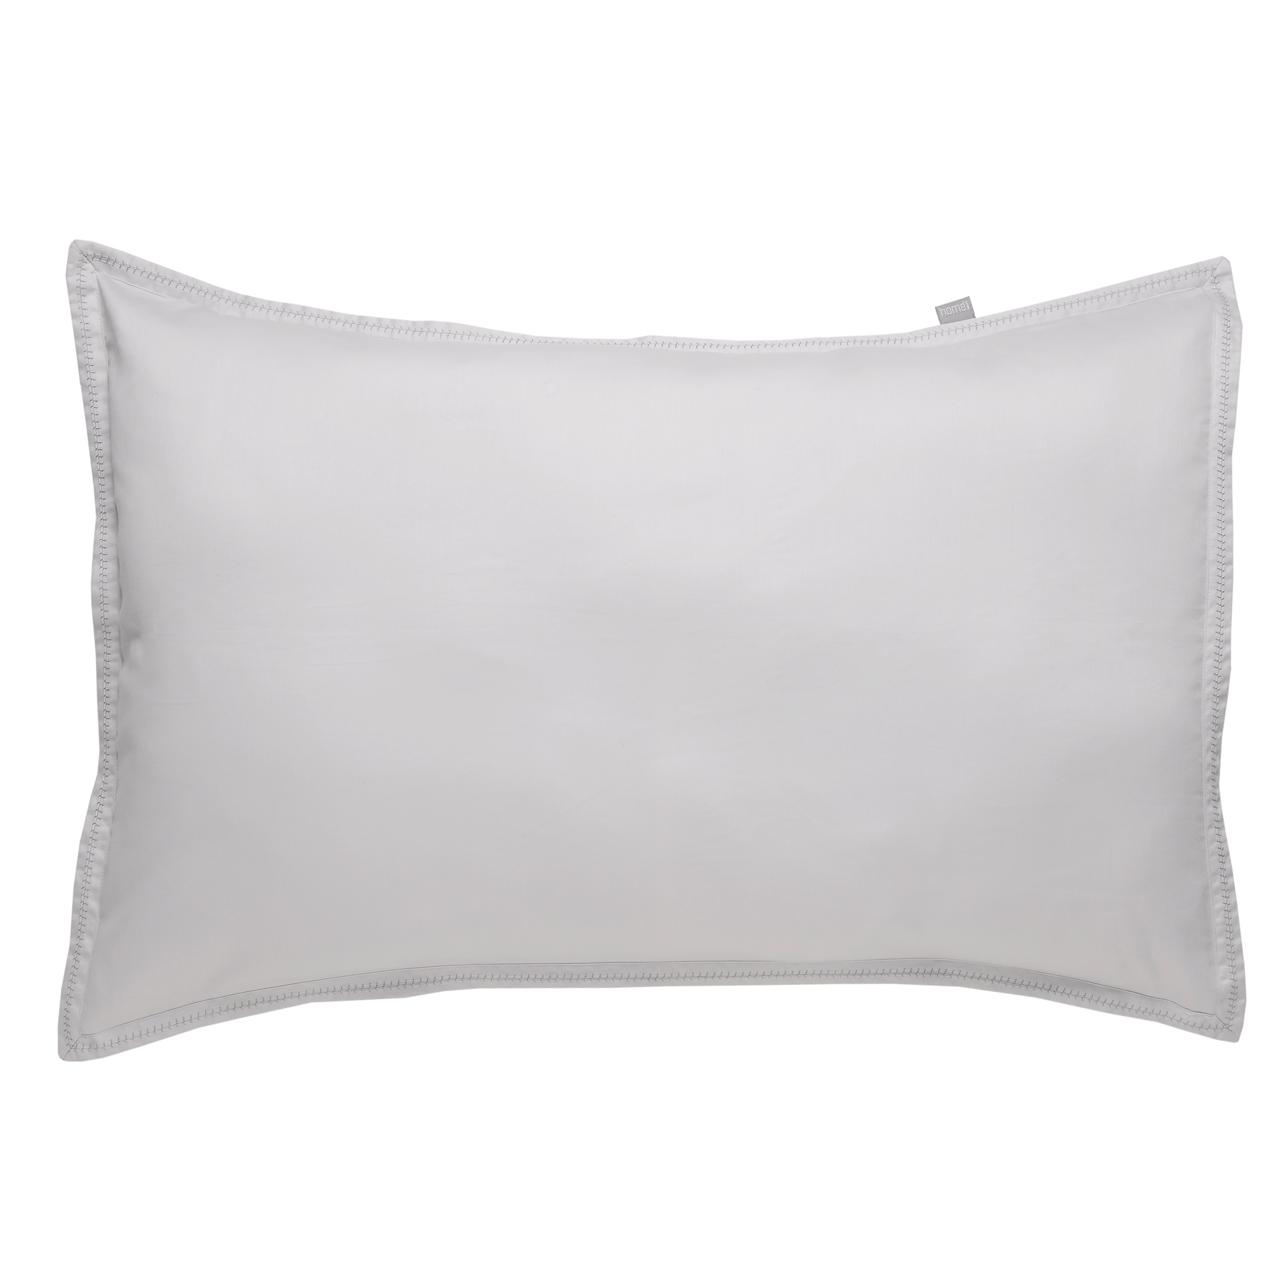 ピローケース / 包み型スタンダード /  50×75cm / Home Concept(ホームコンセプト) / メロディー